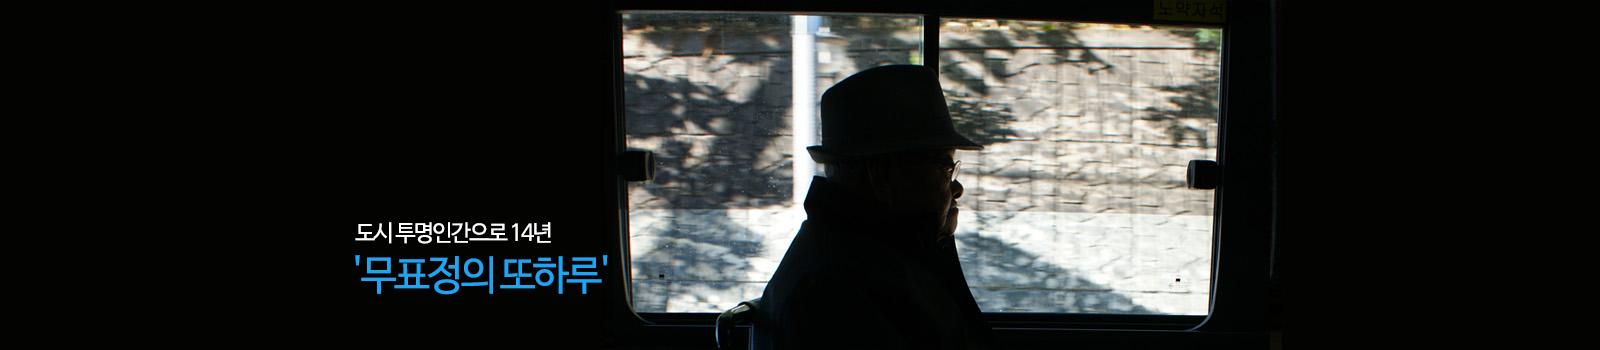 도시 투명인간으로 14년 '무표정의 또하루'